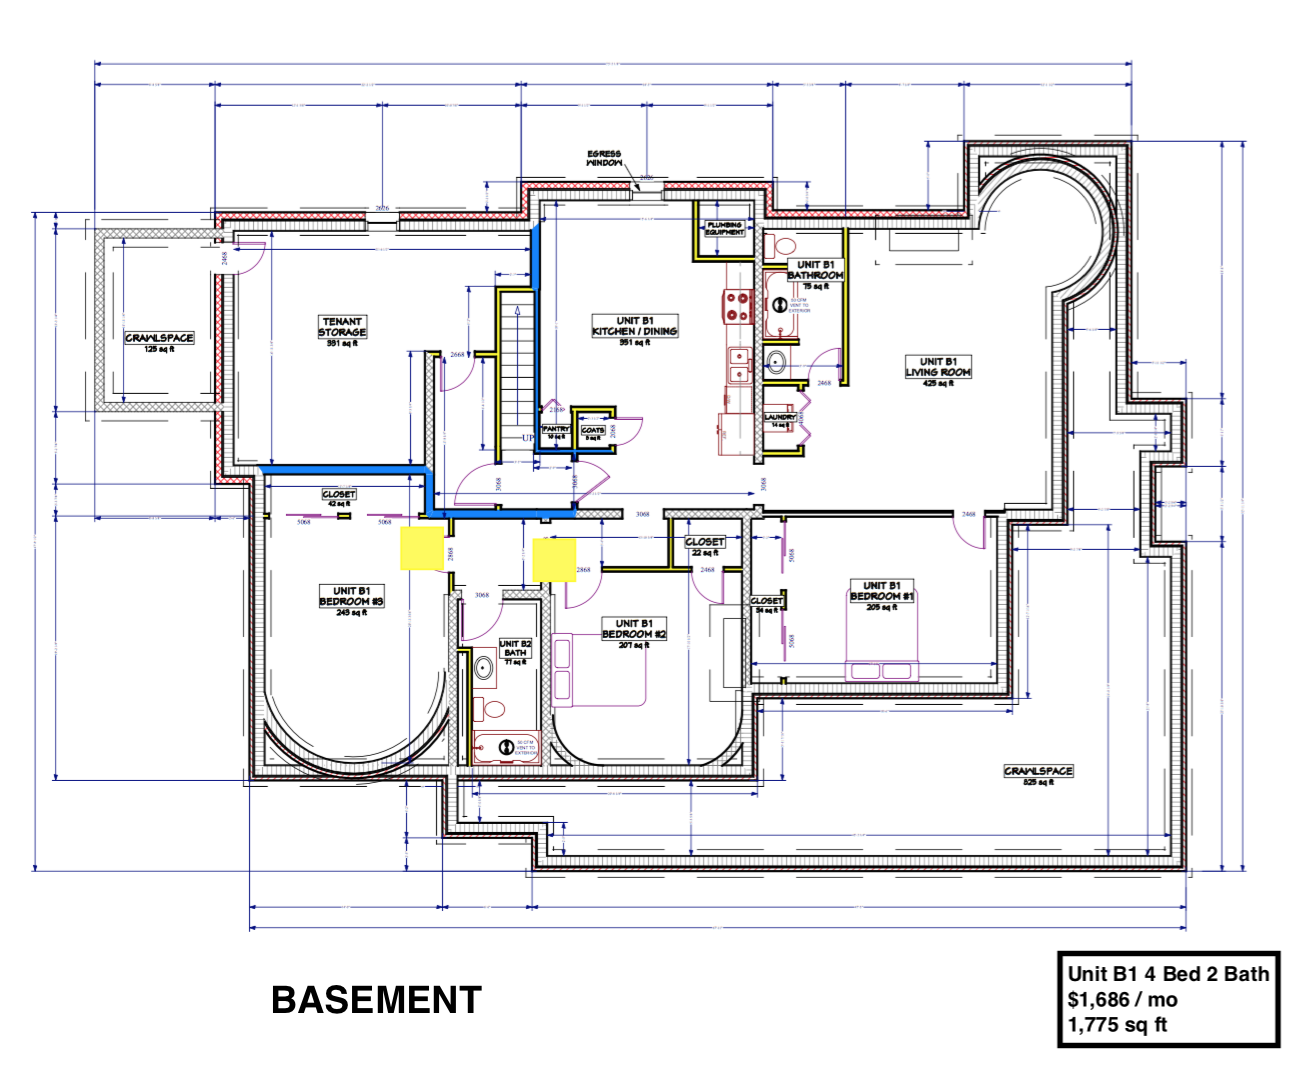 New Basement Floor Plan.png